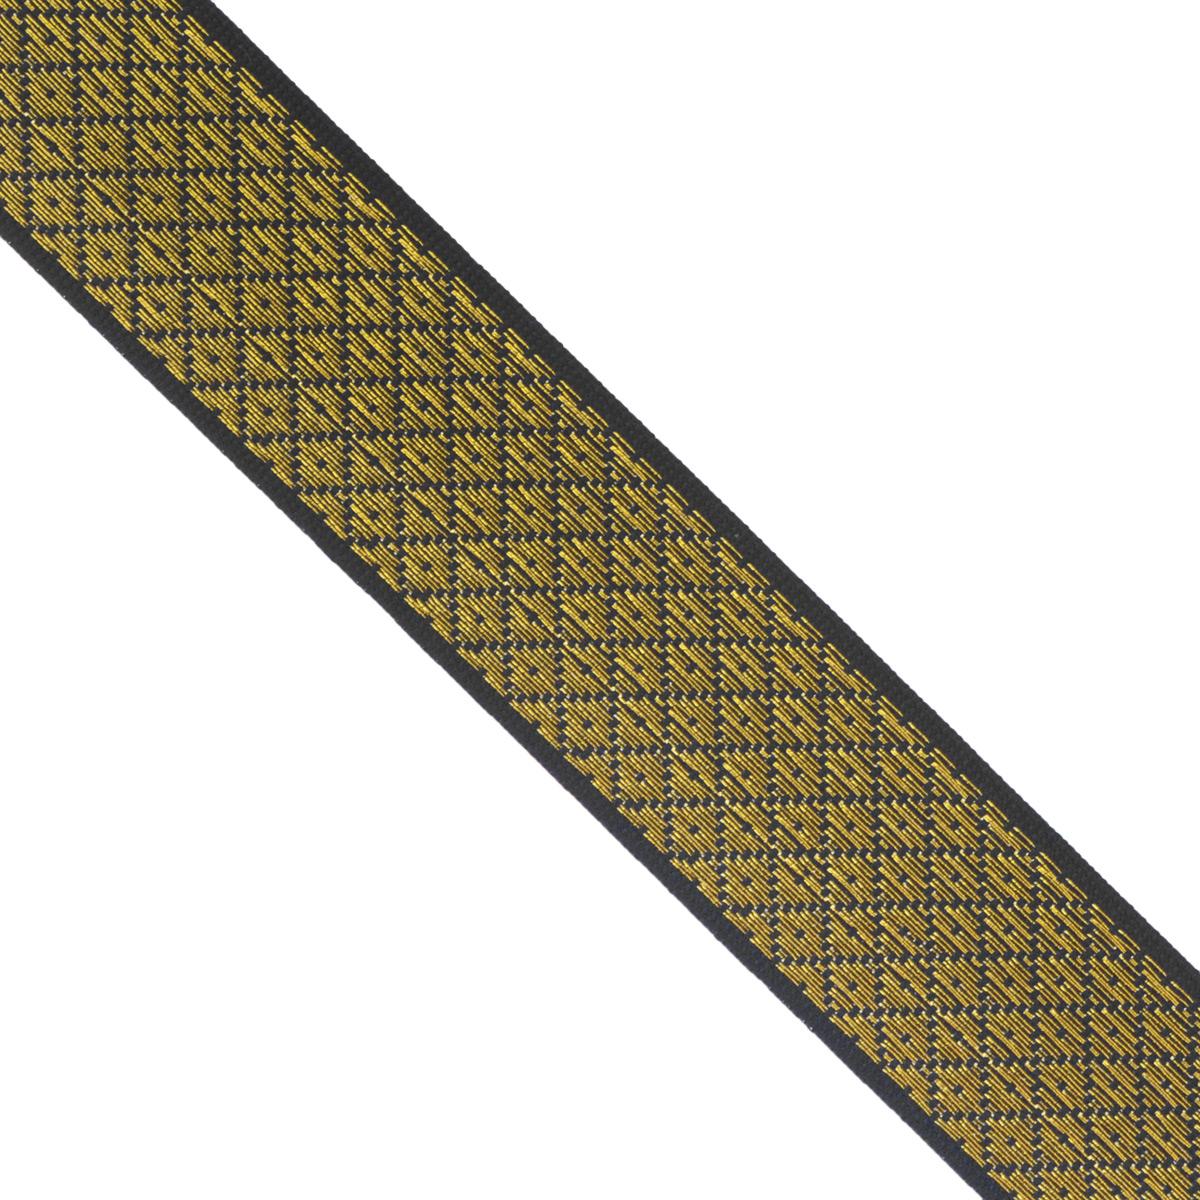 Тесьма декоративная Астра, цвет: золотой, синий (266), ширина 2 см, длина 25 м. 77034167703416_266Декоративная тесьма Астра выполнена из текстиля и оформлена оригинальным жаккардовым орнаментом. Такая тесьма идеально подойдет для оформления различных творческих работ таких, как скрапбукинг, аппликация, декор коробок и открыток и многое другое. Тесьма наивысшего качества и практична в использовании. Она станет незаменимым элементом в создании рукотворного шедевра. Ширина: 2 см. Длина: 25 м.